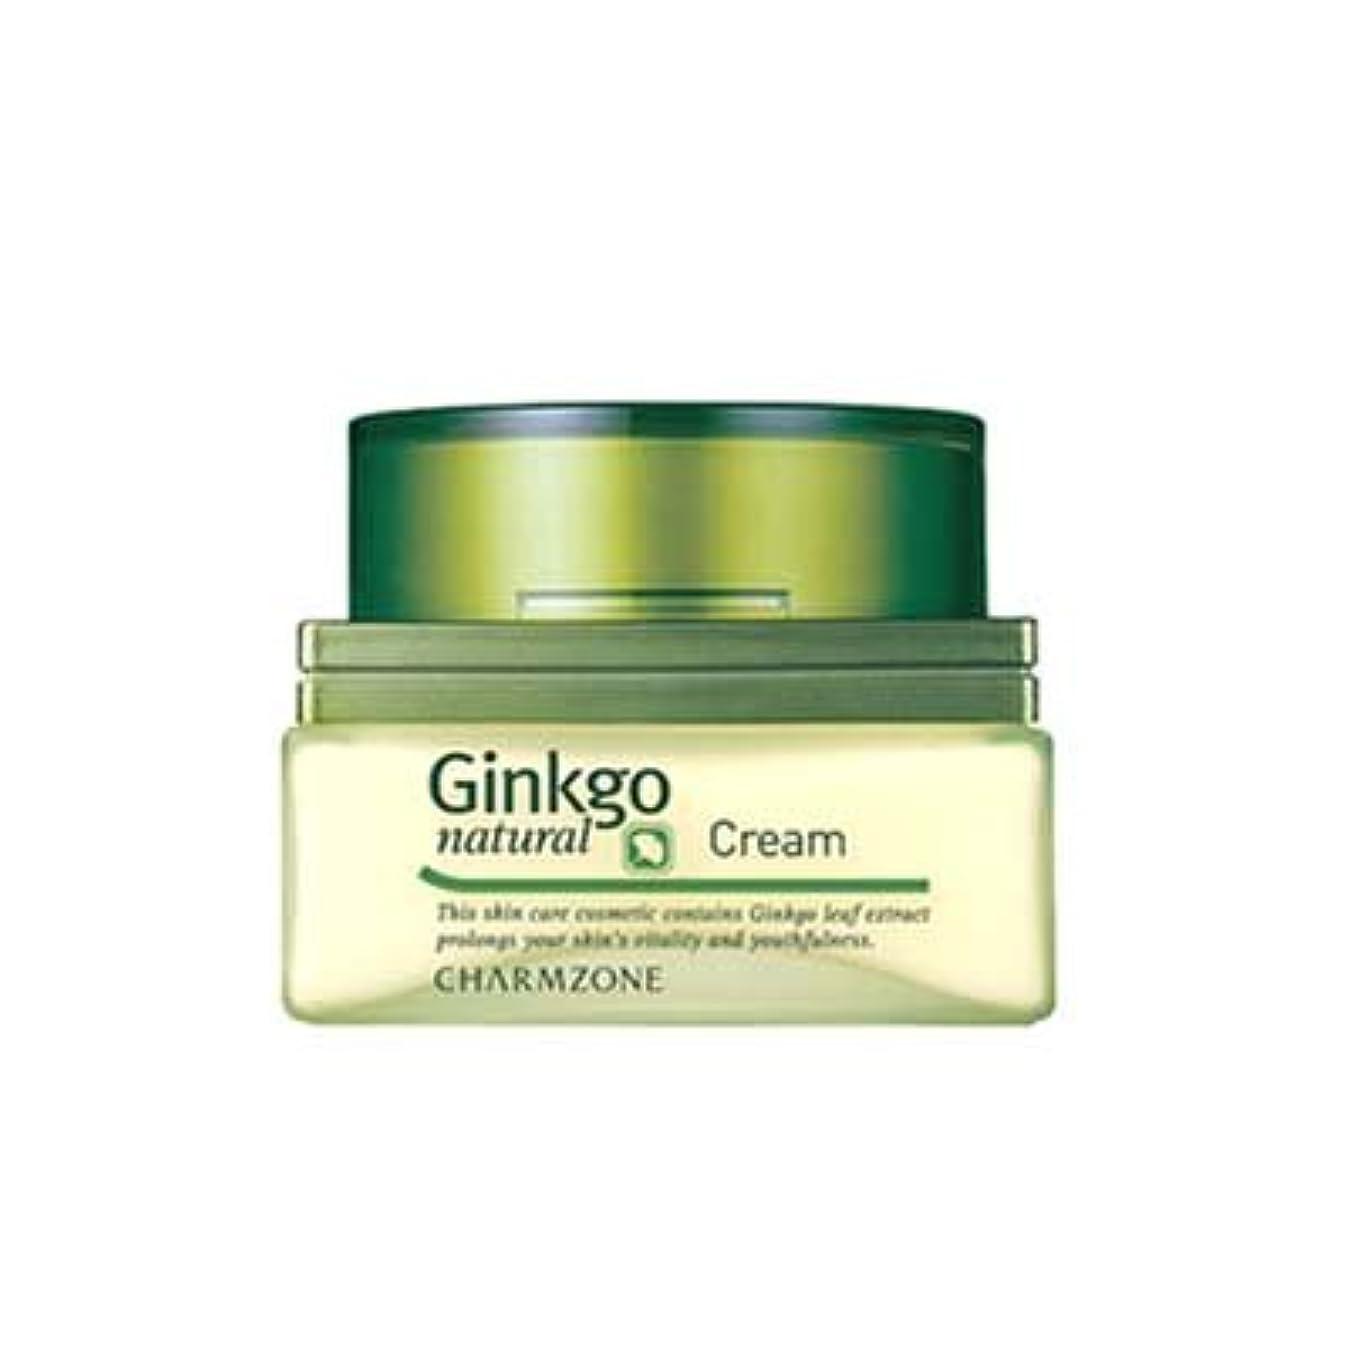 彼不確実おめでとうチャームゾーン Ginkgo natural (ジンコナチュラル) クリーム 60ml